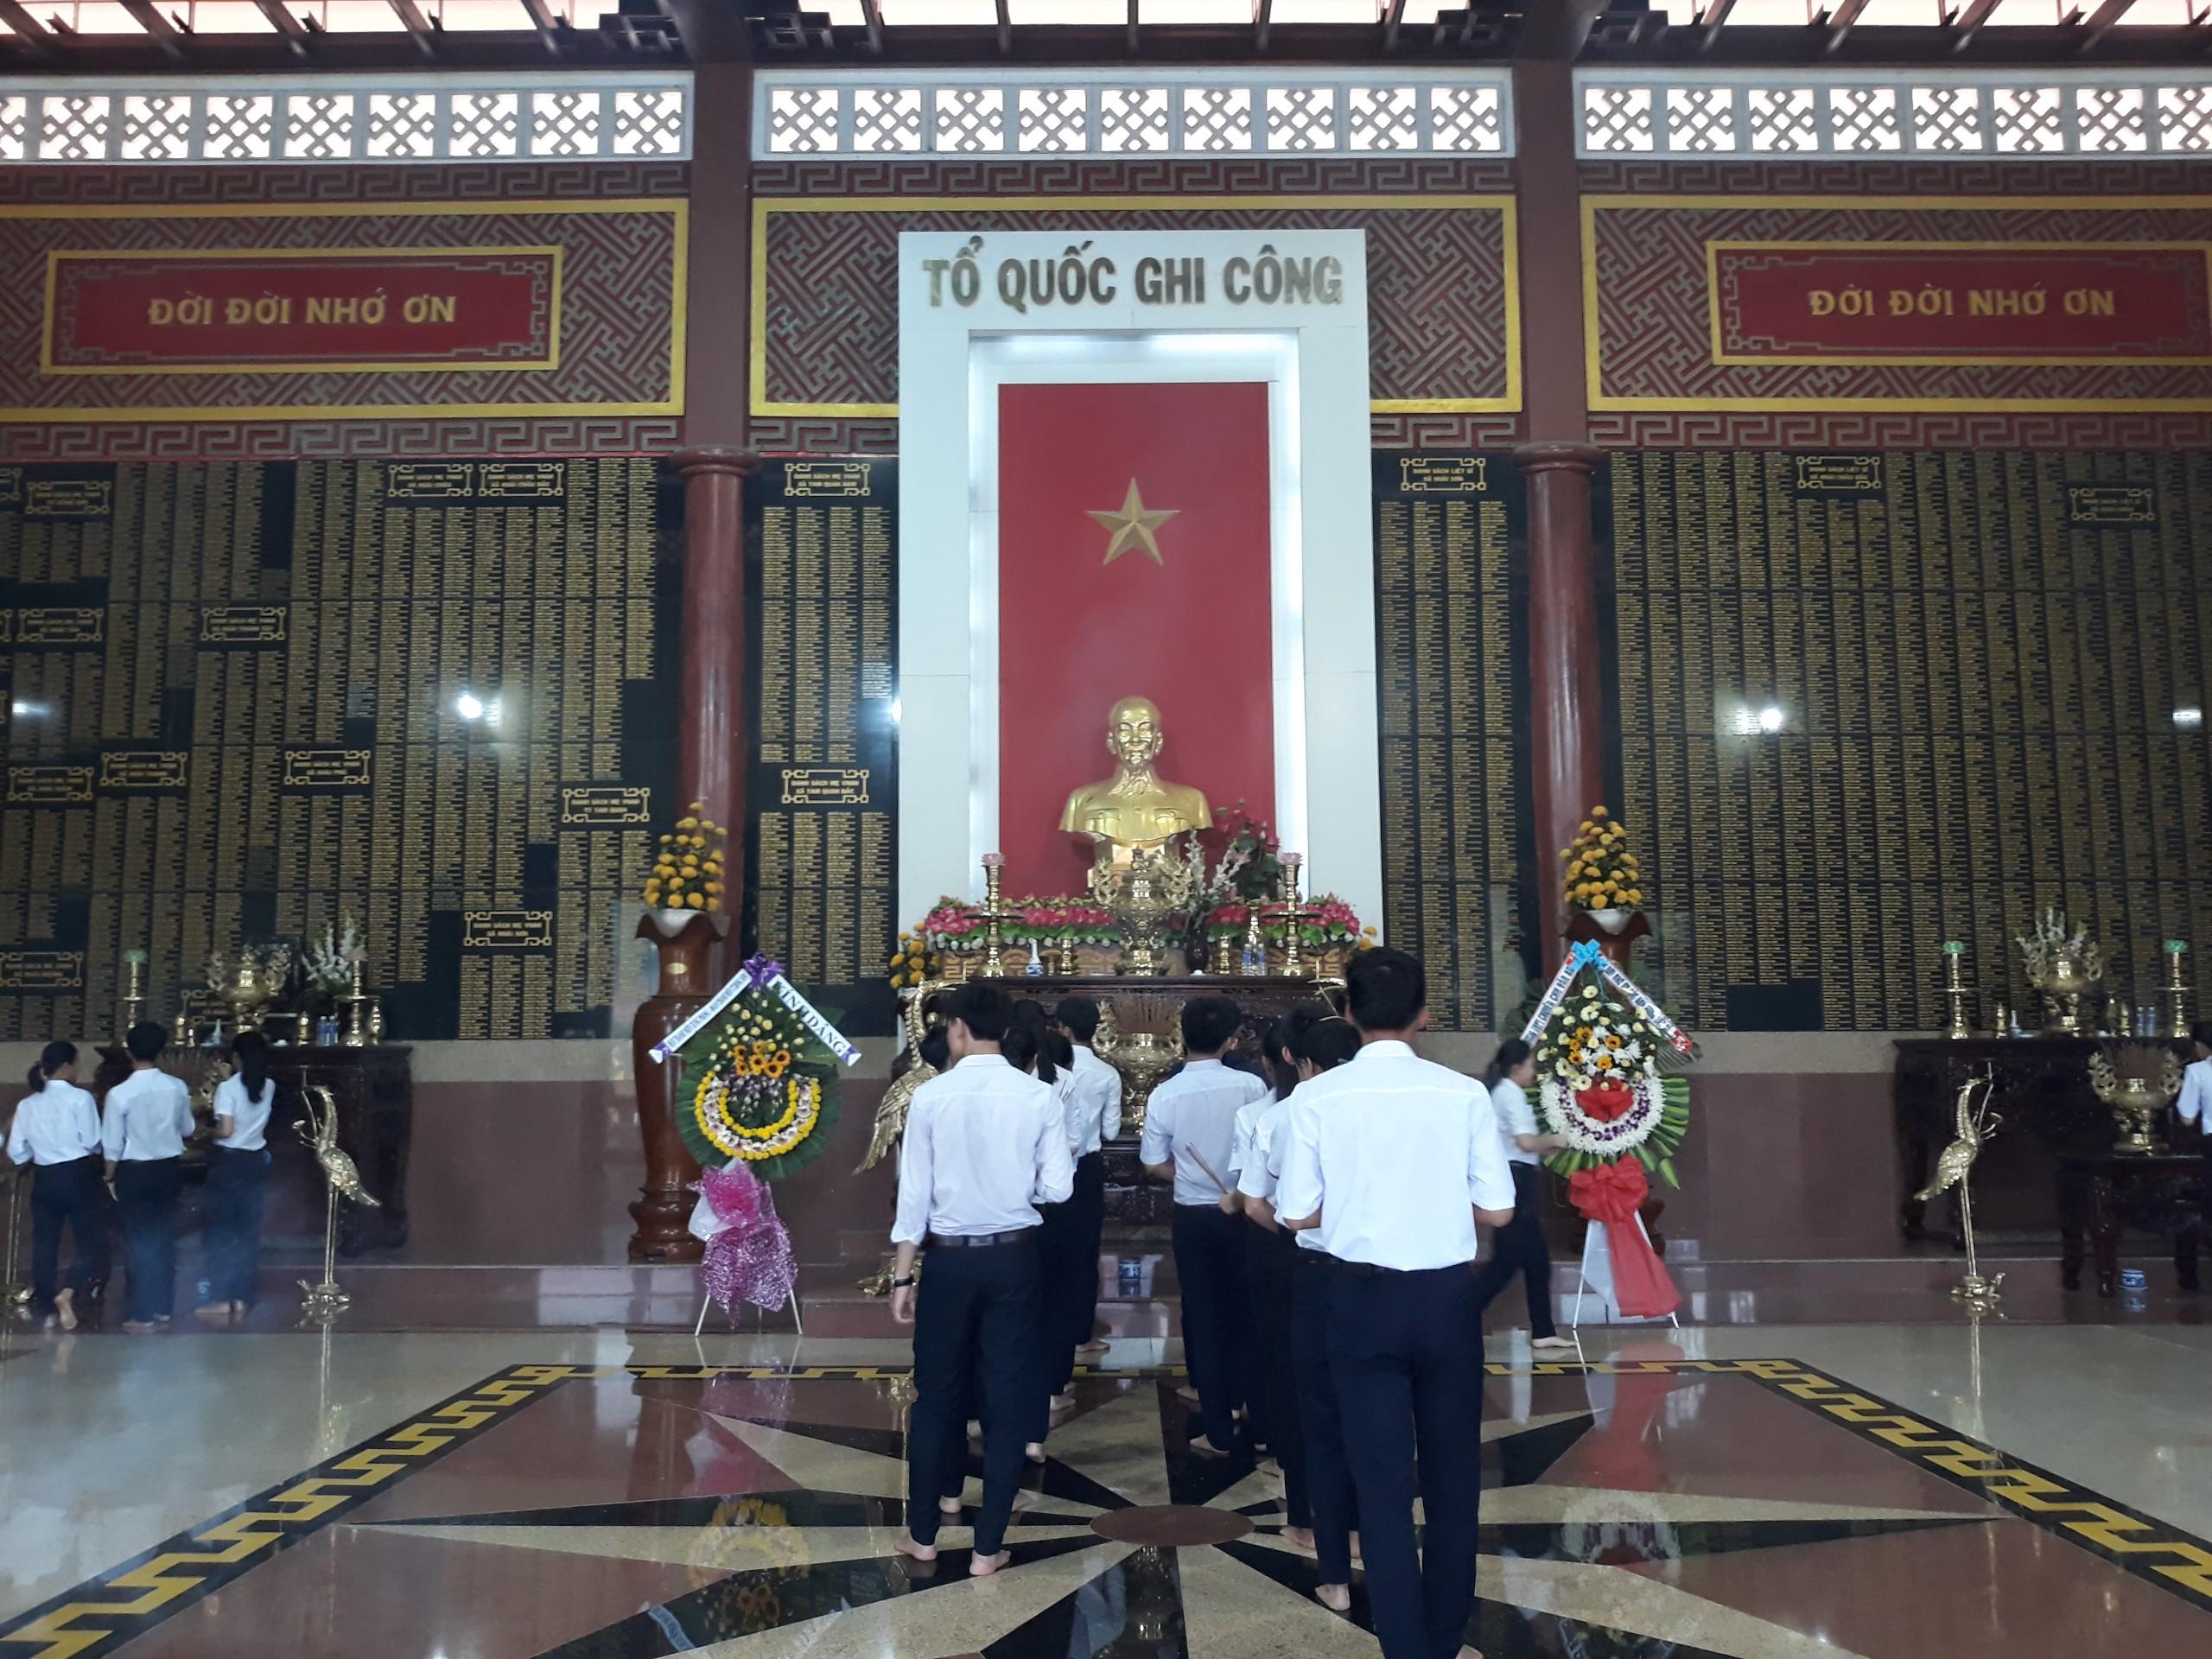 Buổi dâng hương tưởng niệm các anh hùng liệt sĩ tại Đền thờ liệt sĩ huyện Hoài Nhơn